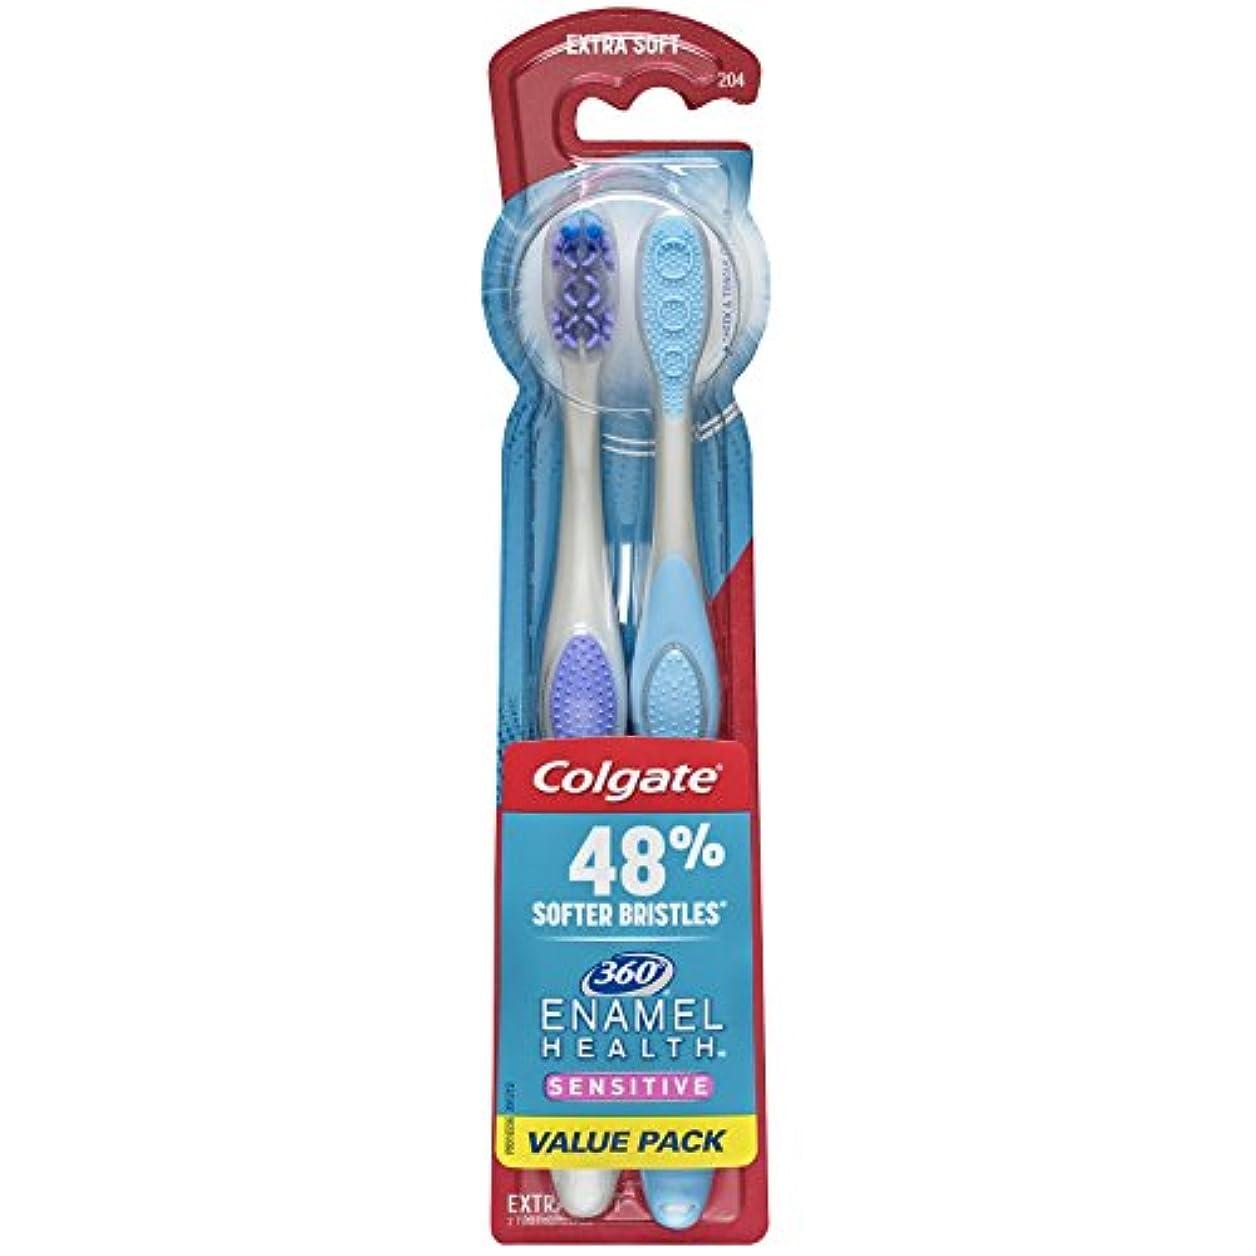 Colgate エナメル健康に敏感な歯ブラシ、エクストラソフト、2カラット